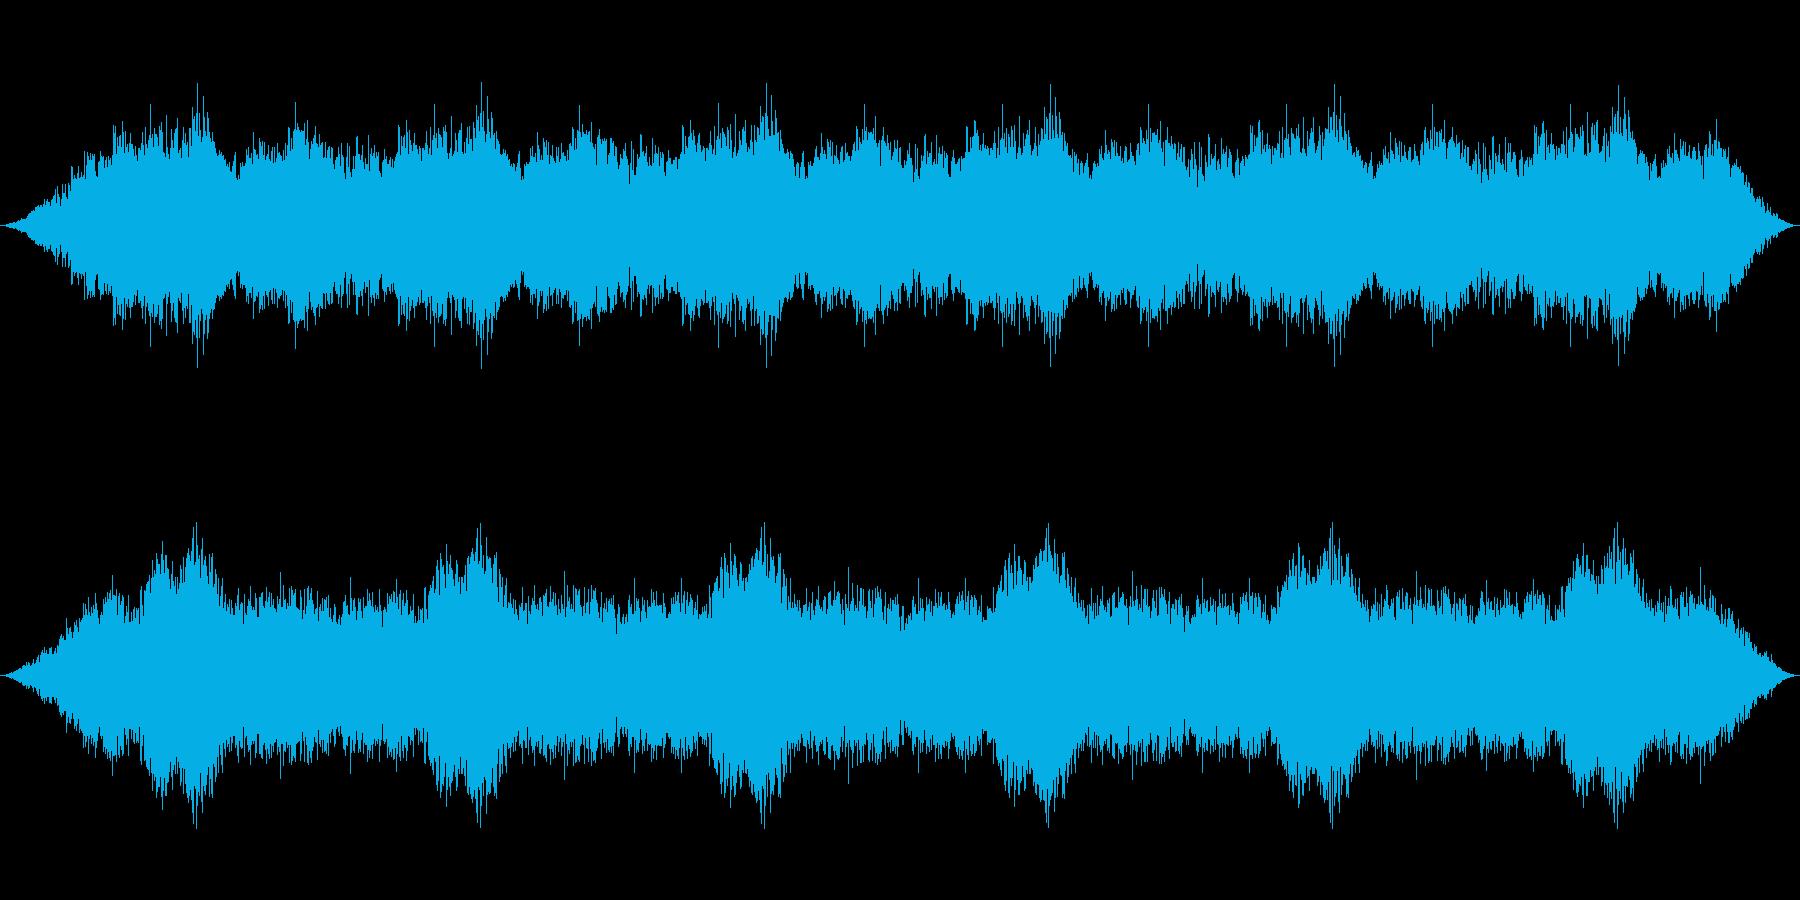 腐海の森の環境音楽の再生済みの波形